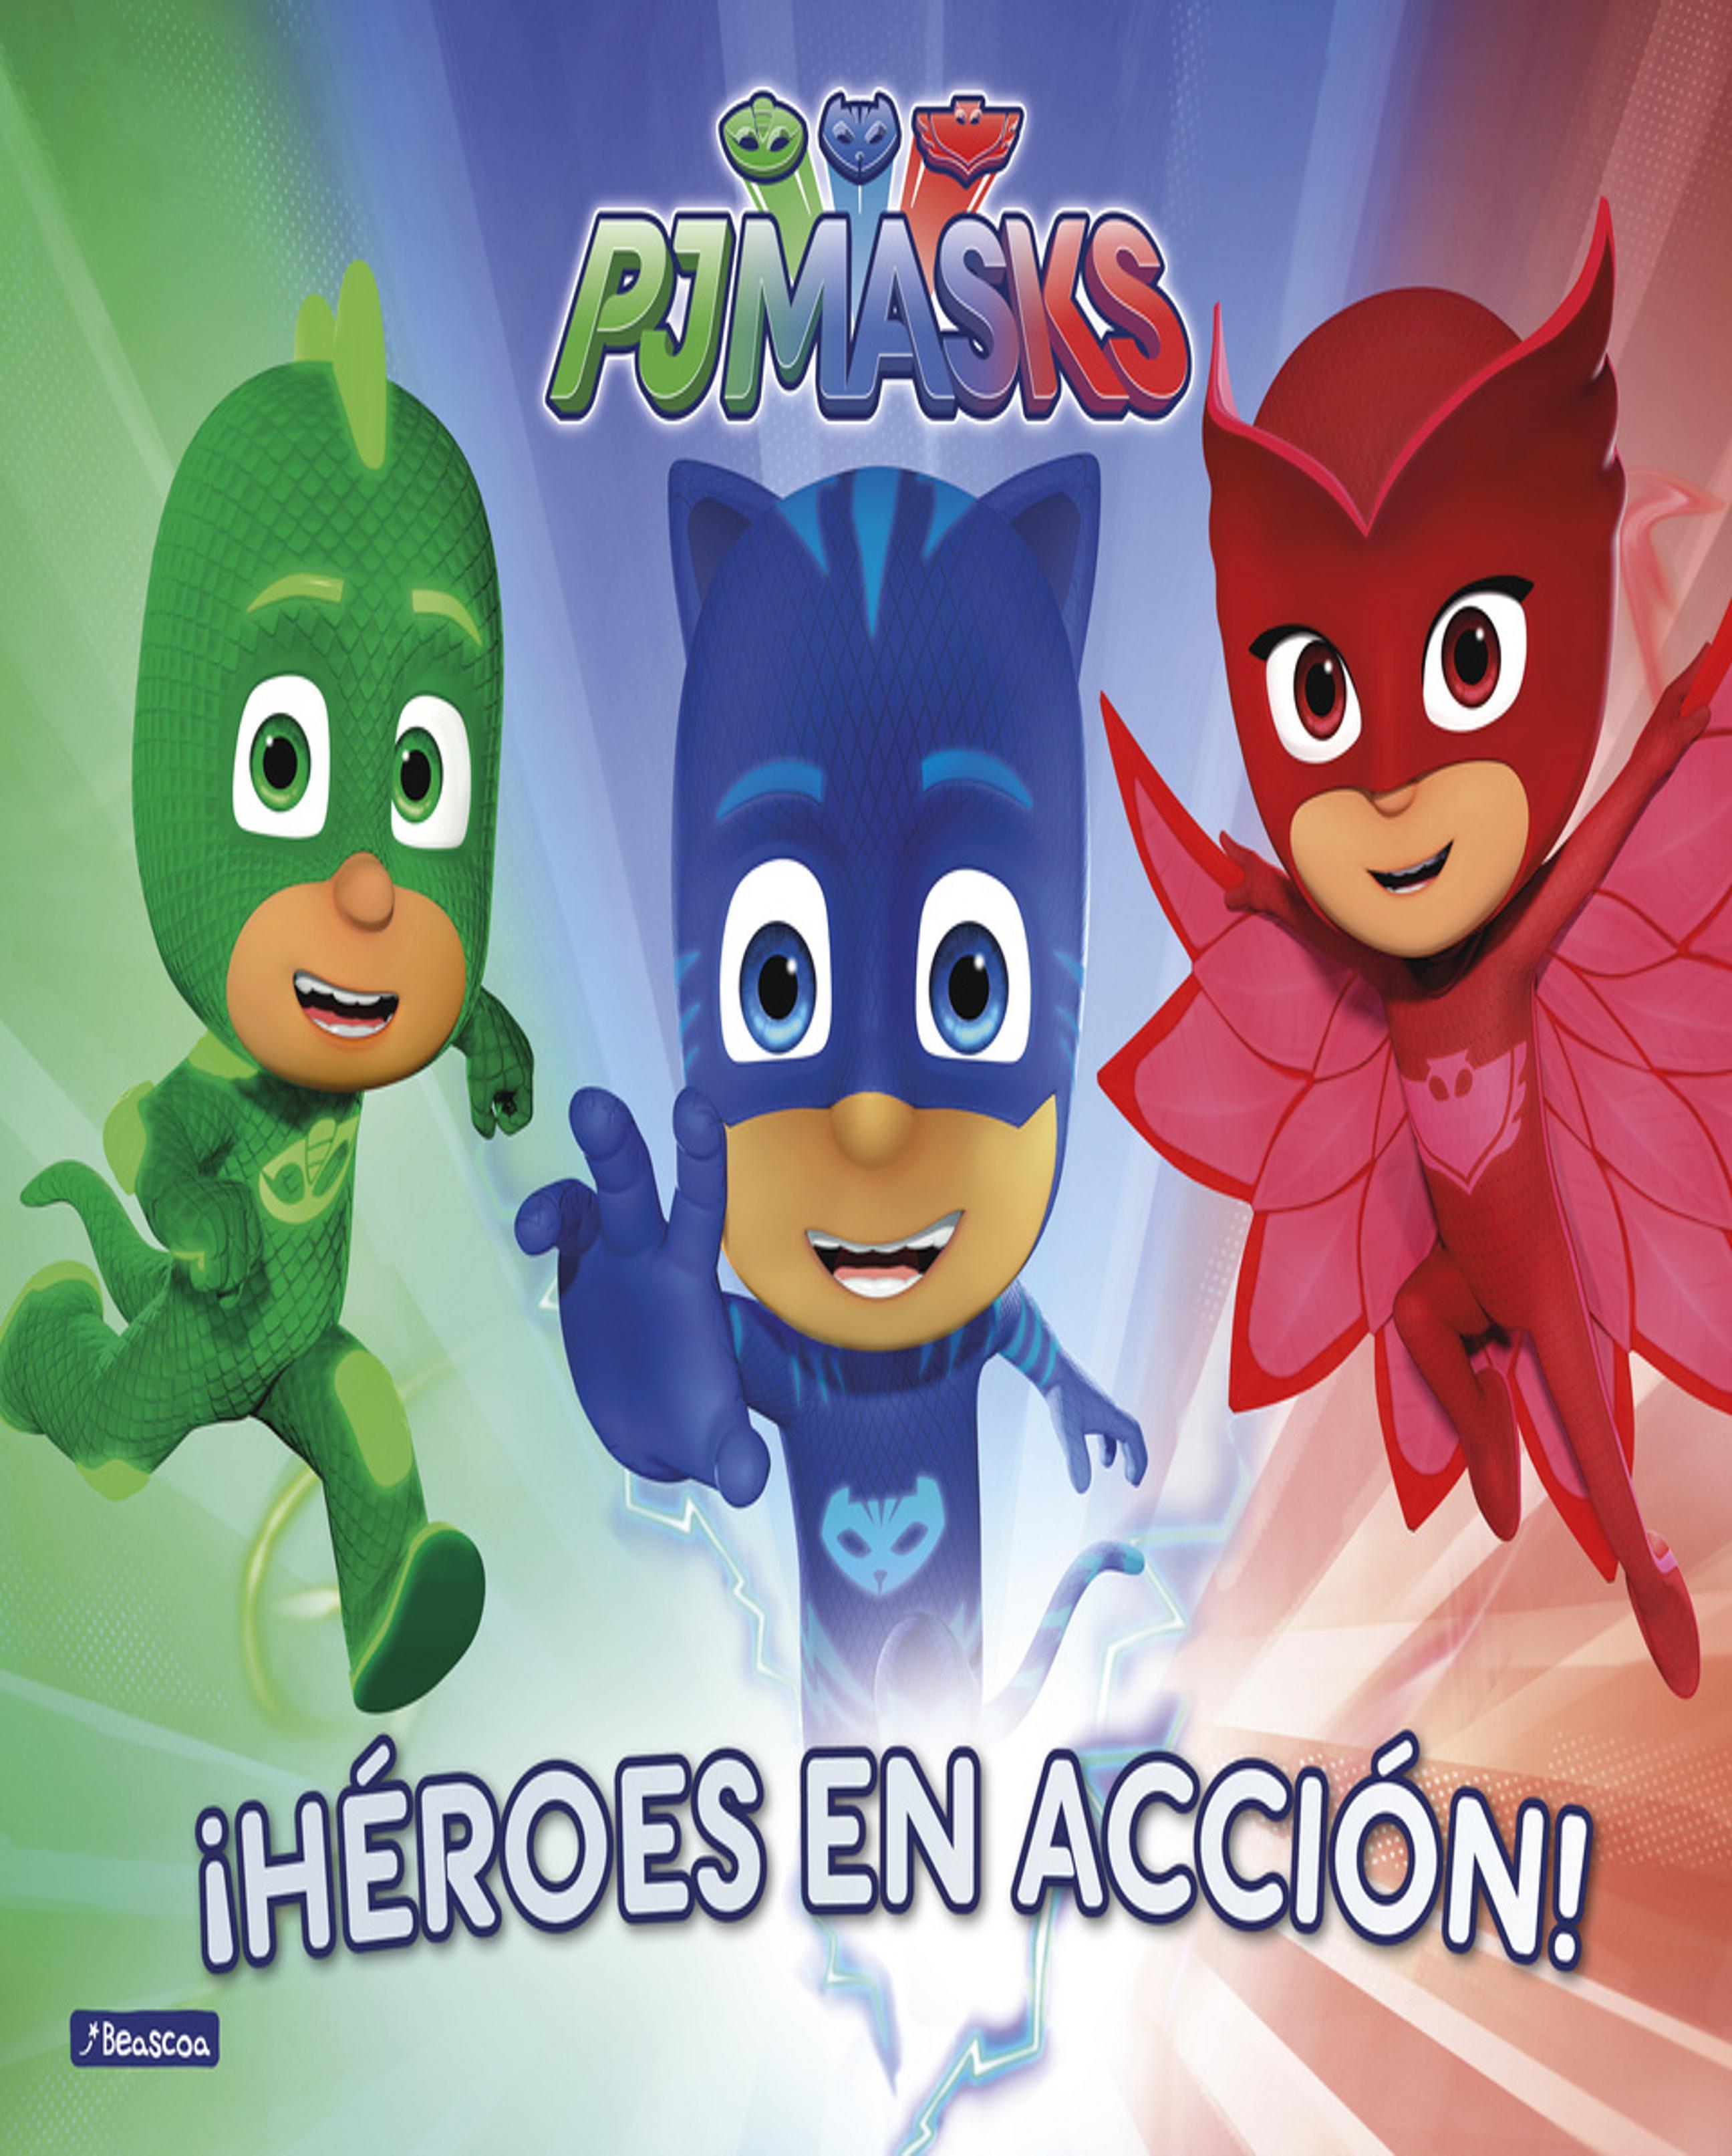 HEROES EN ACCIÓN PJMASKS